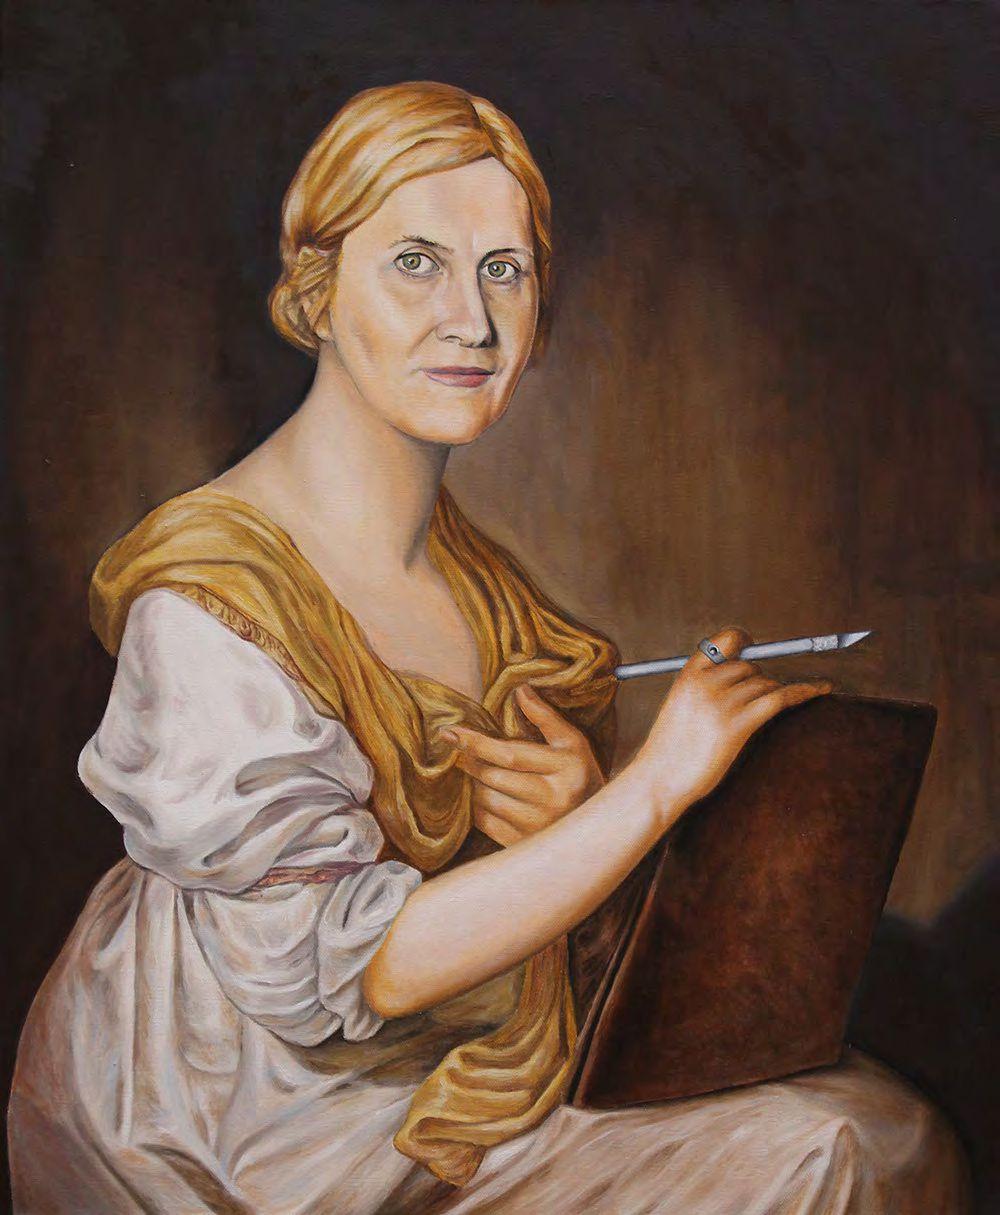 """Feminismo Mágico. Una conexión con el pasado. Aurora Duque como Angelica Kauffmann (1741-1807)"""", 73 x 60 cm."""